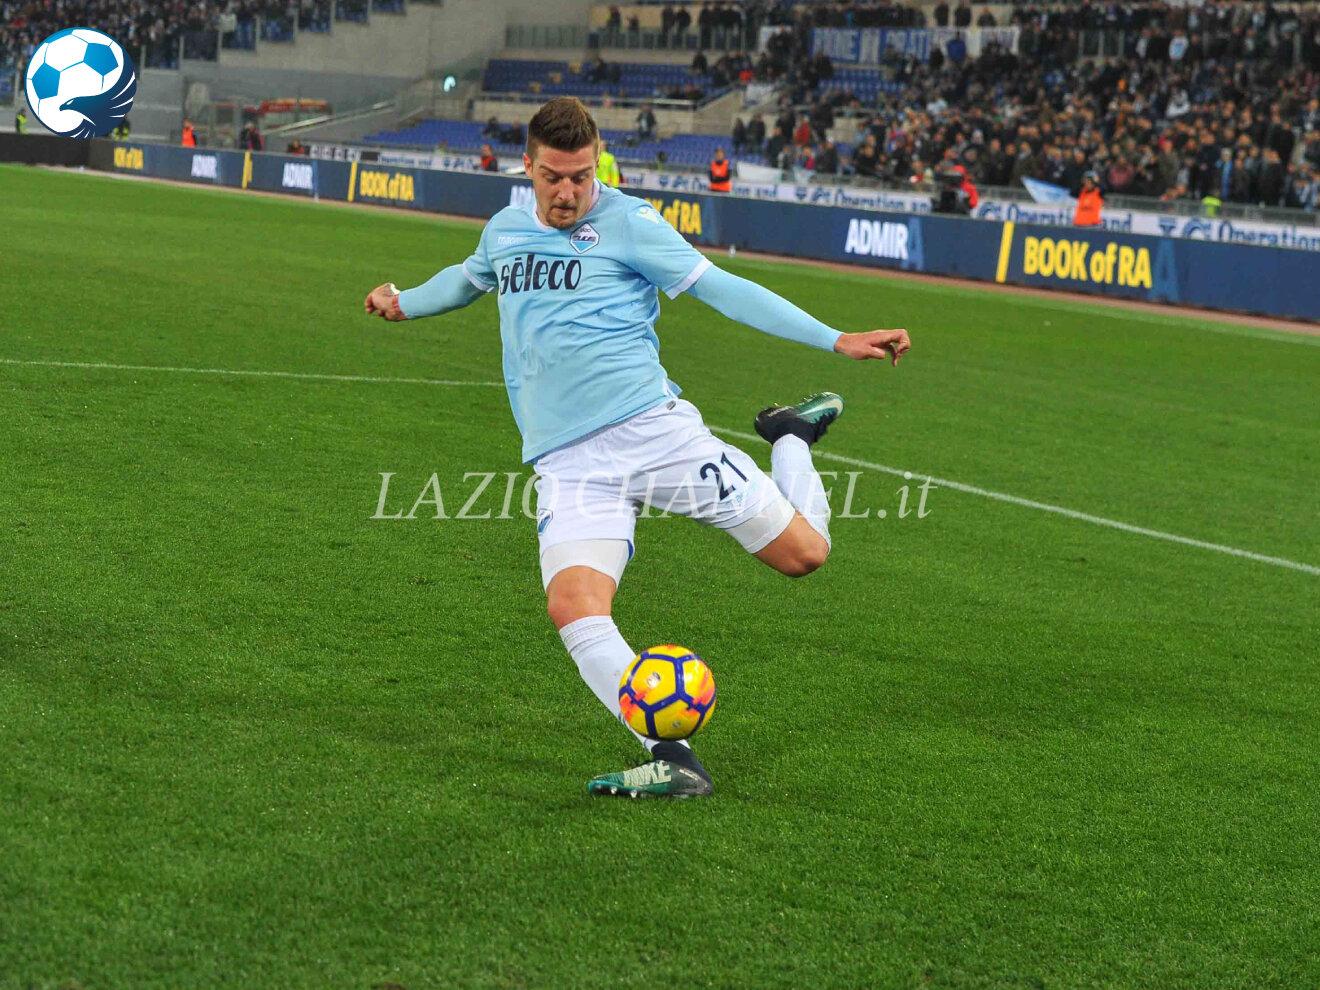 Sergej Milinkovic-Savic centrocampista della Lazio calcia la palla